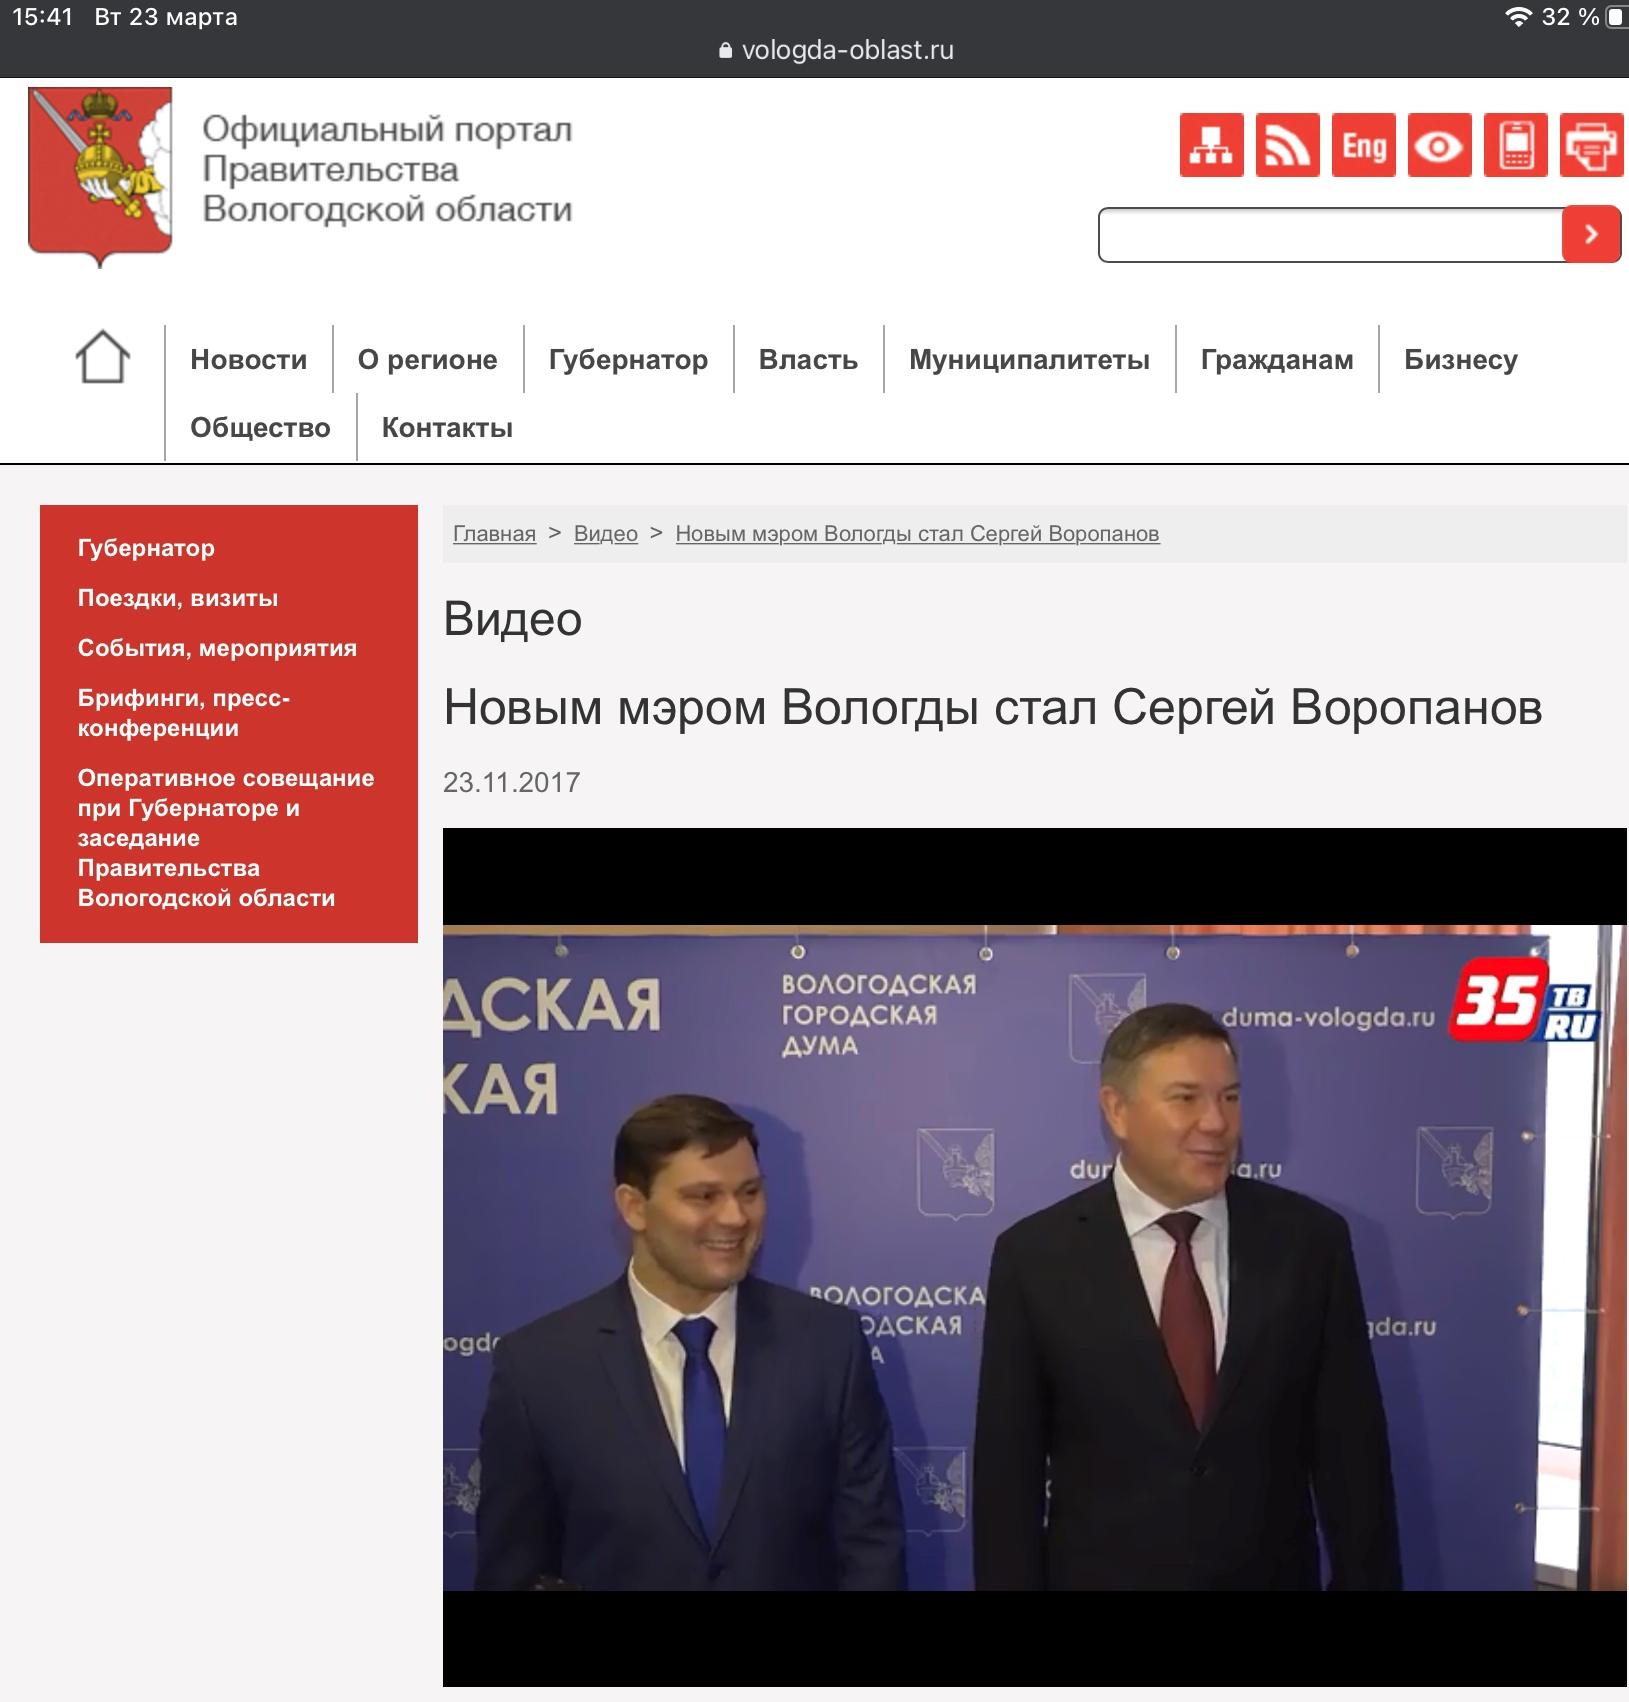 Госконтракты Кувшинникова, Воропанова и Вологдагражданстрой (2).PNG